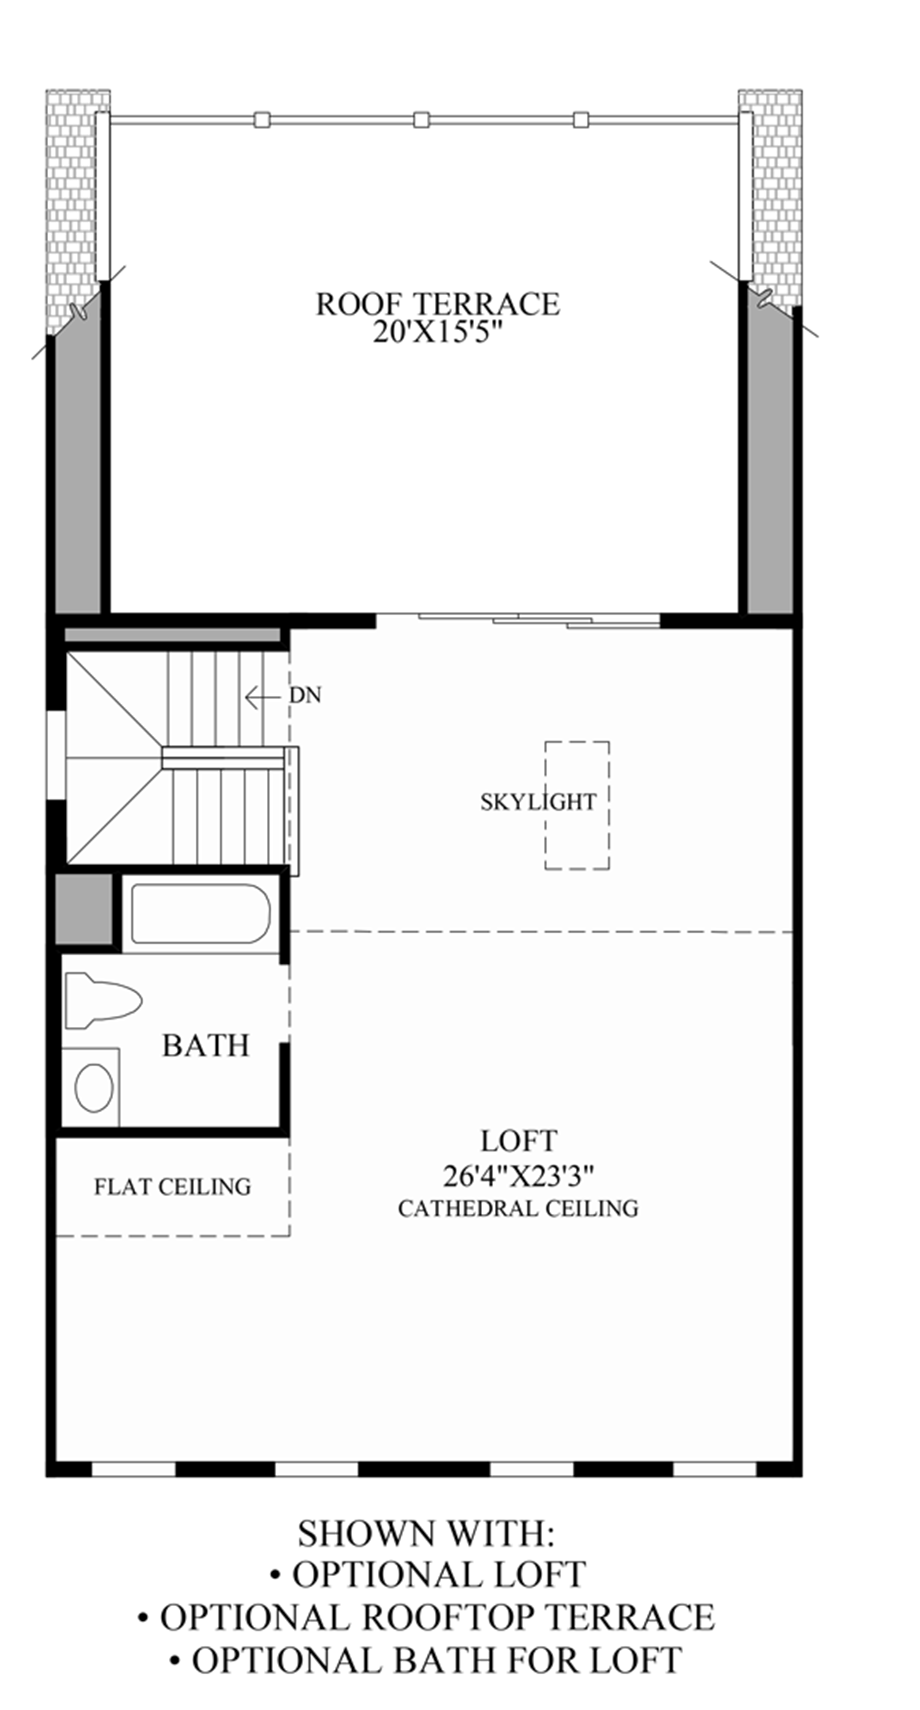 Optional Floor Floor Plan